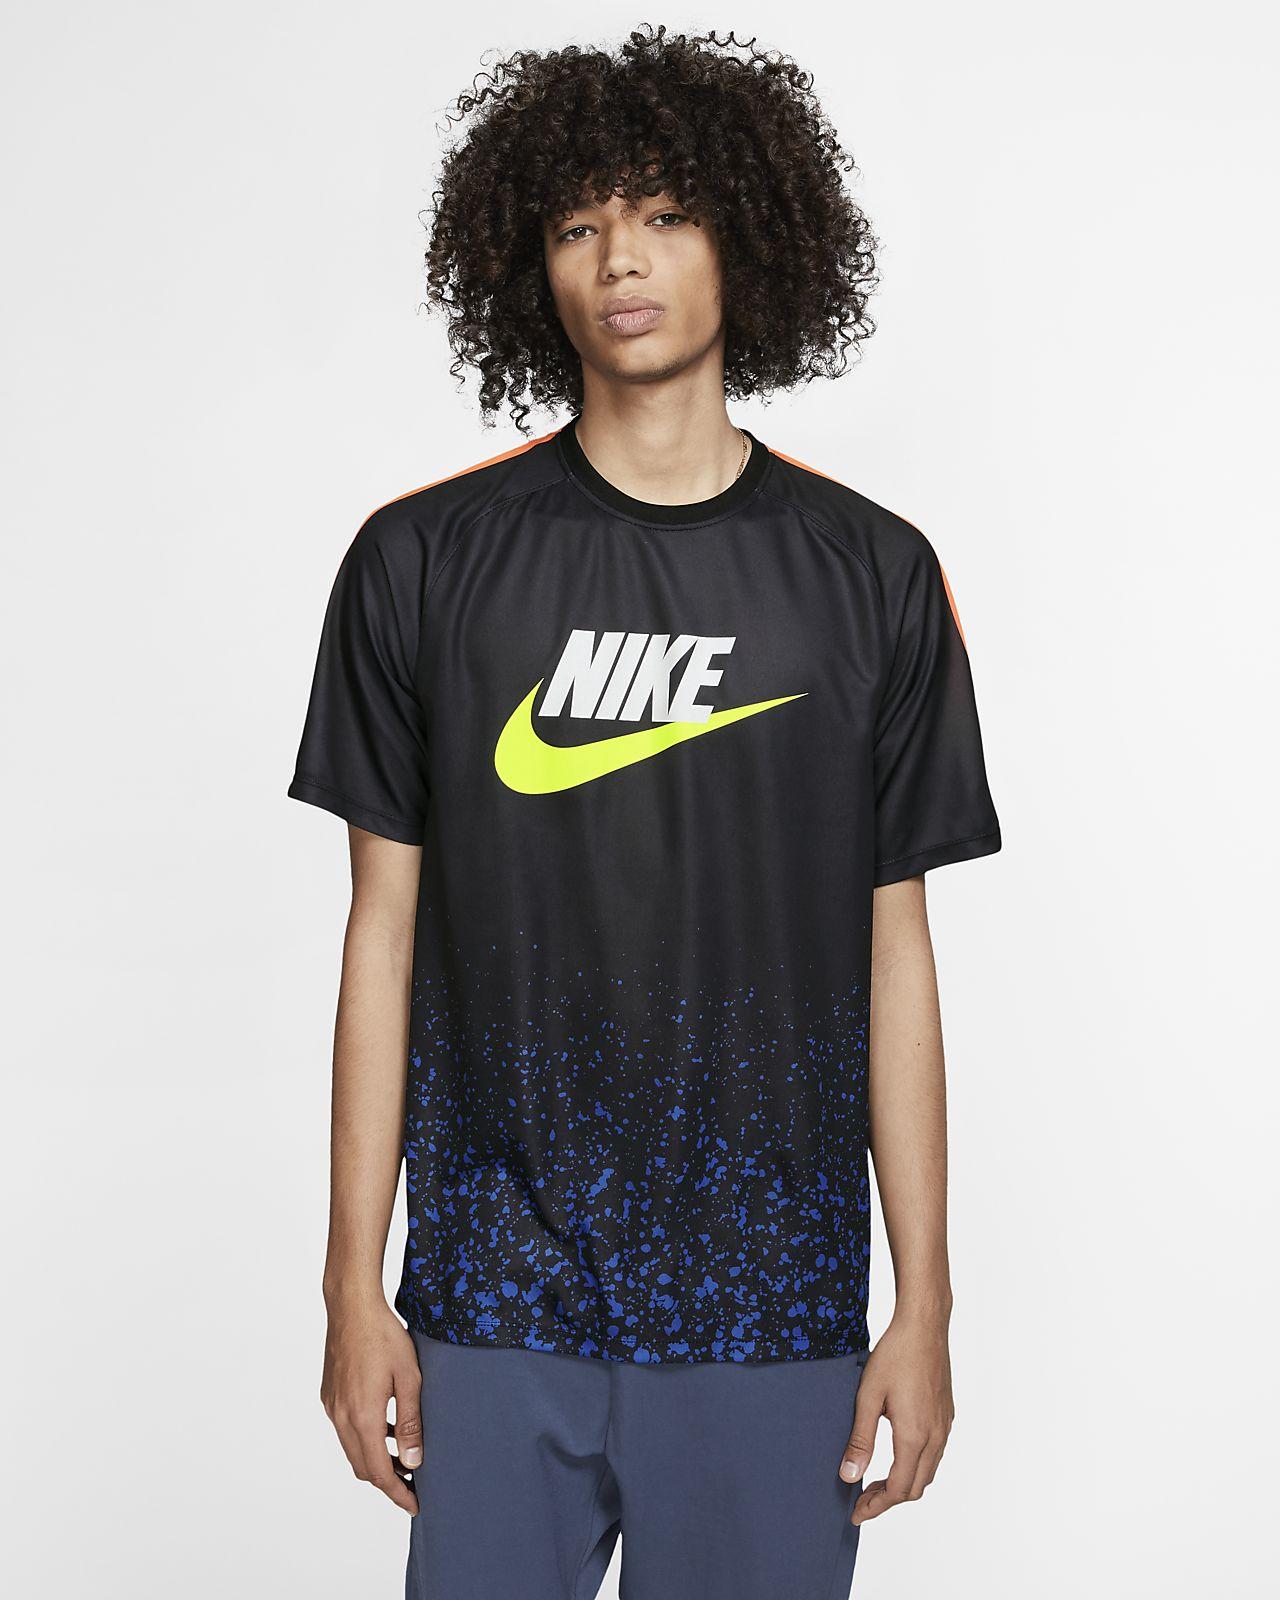 Tröja Nike Sportswear för män